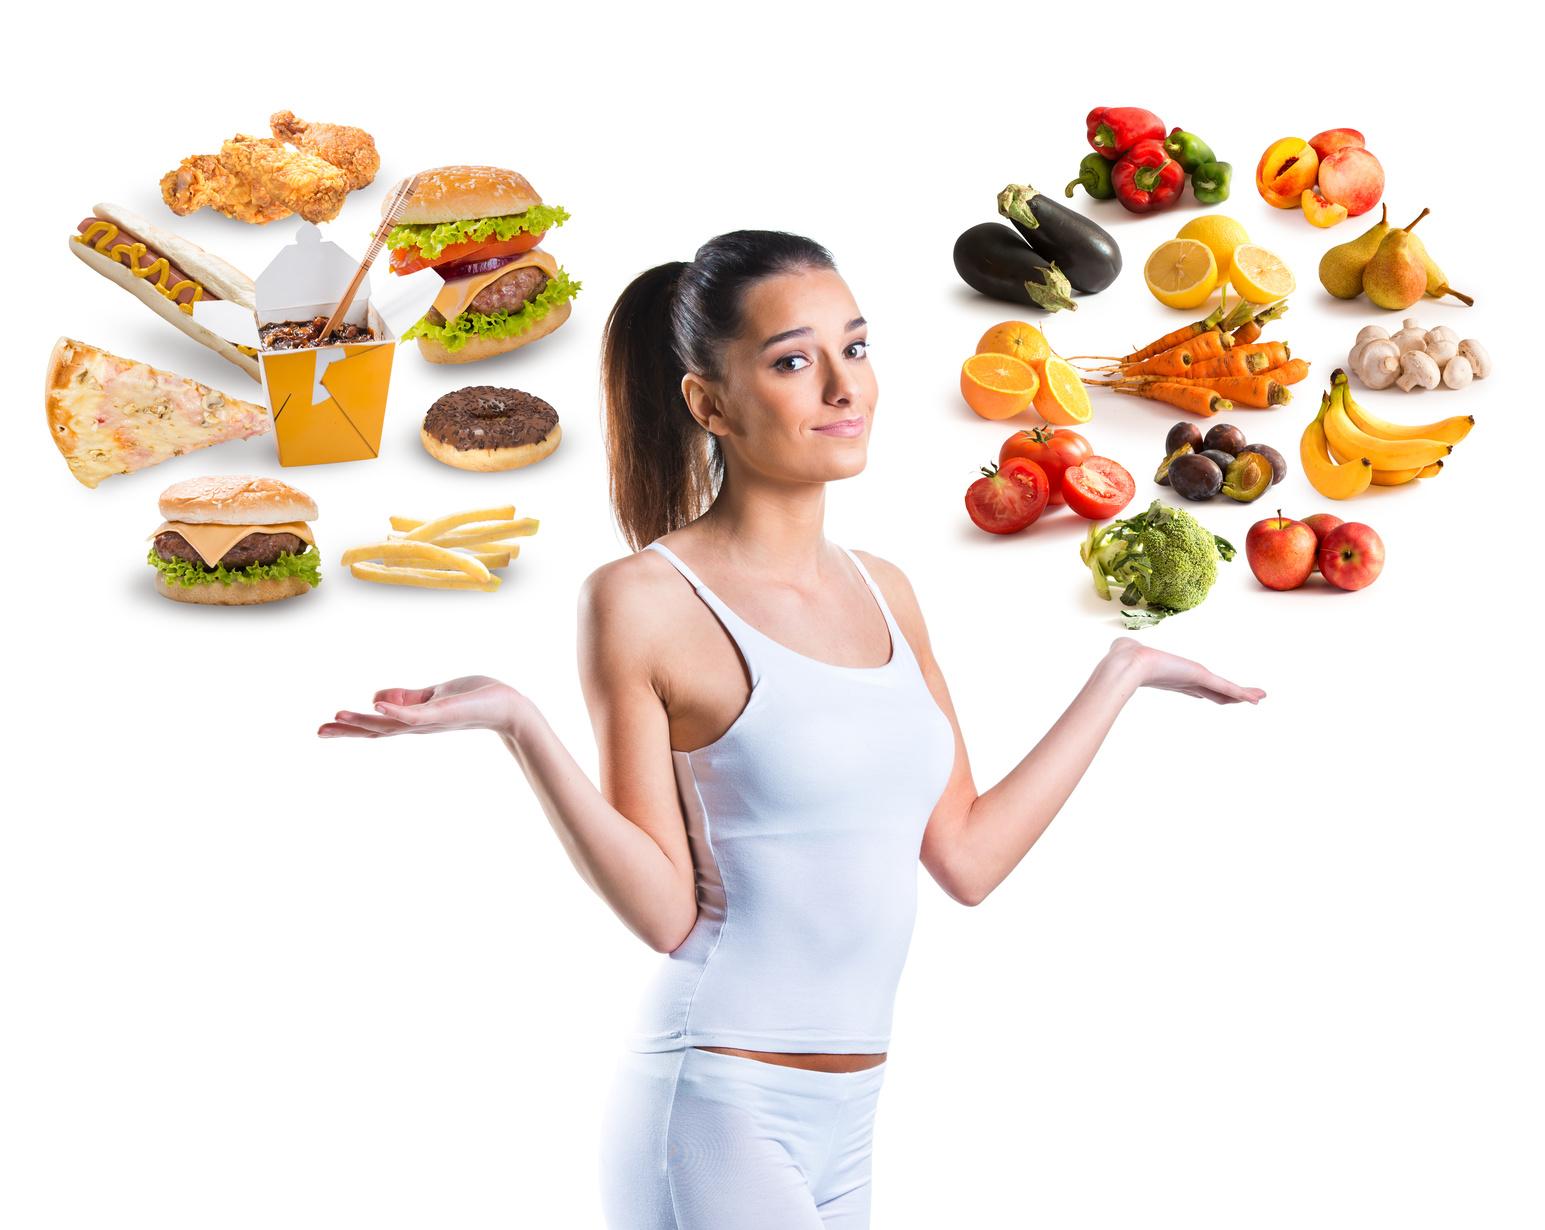 Produkty spożywcze: dieta wegetariańska i fast food